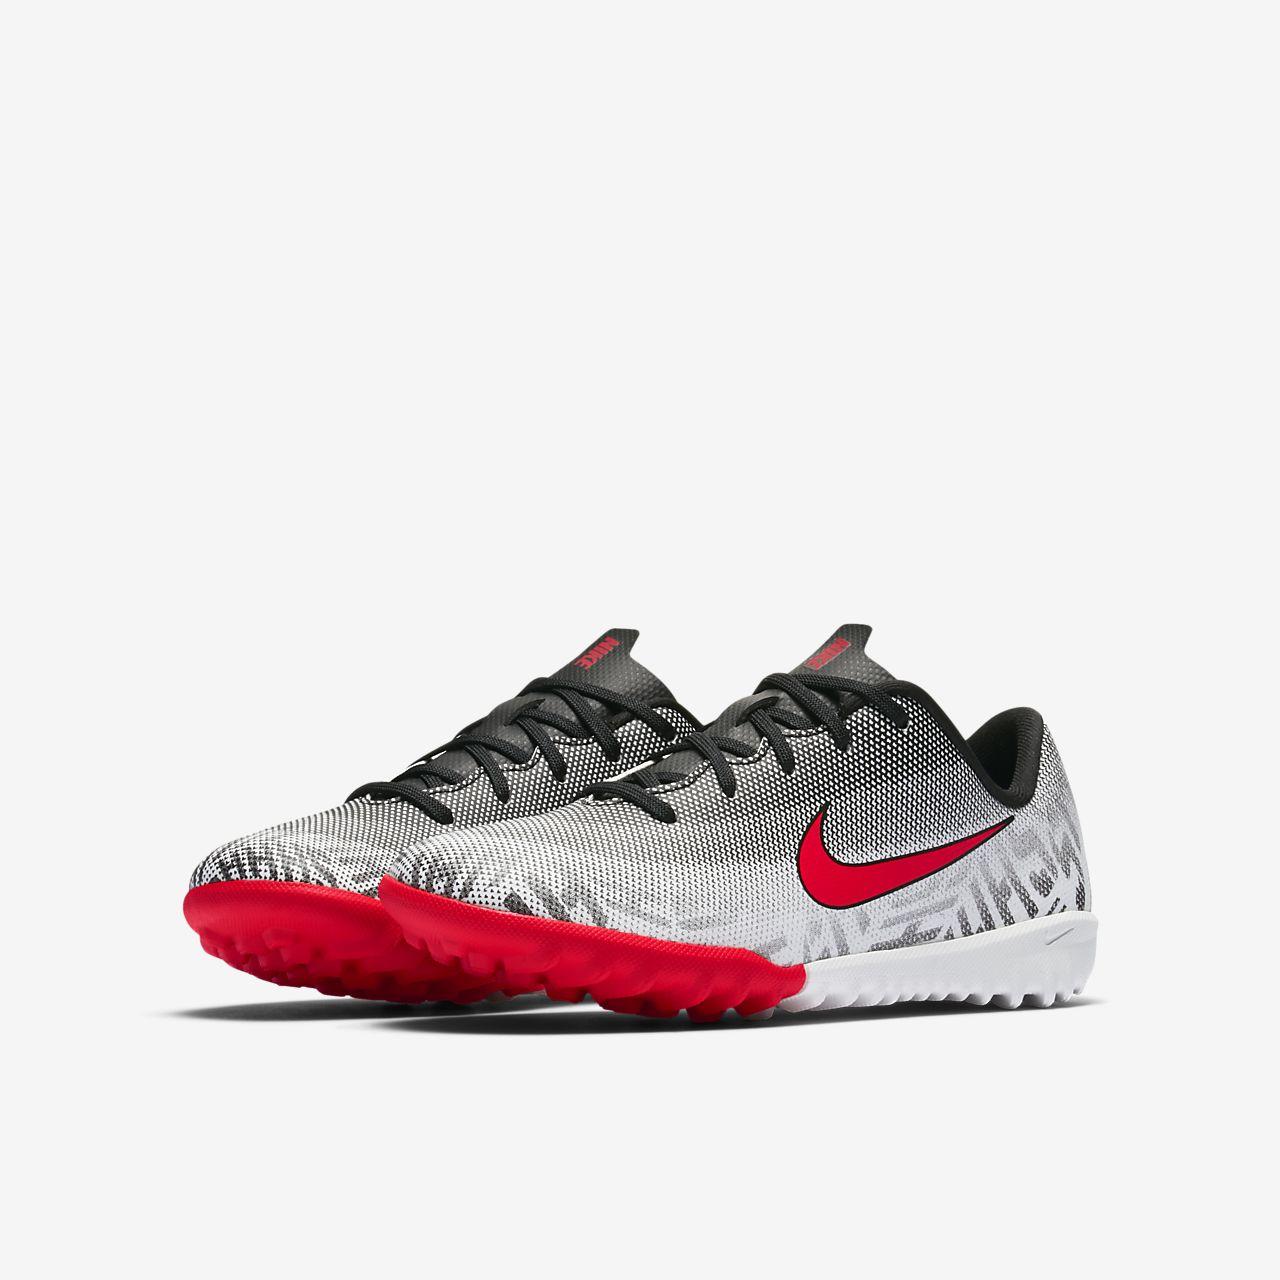 buy popular 51f1d 2775e ... Nike Jr. Mercurial Vapor XII Academy Neymar Jr-fodboldstøvle til små  børn til kunstgræs